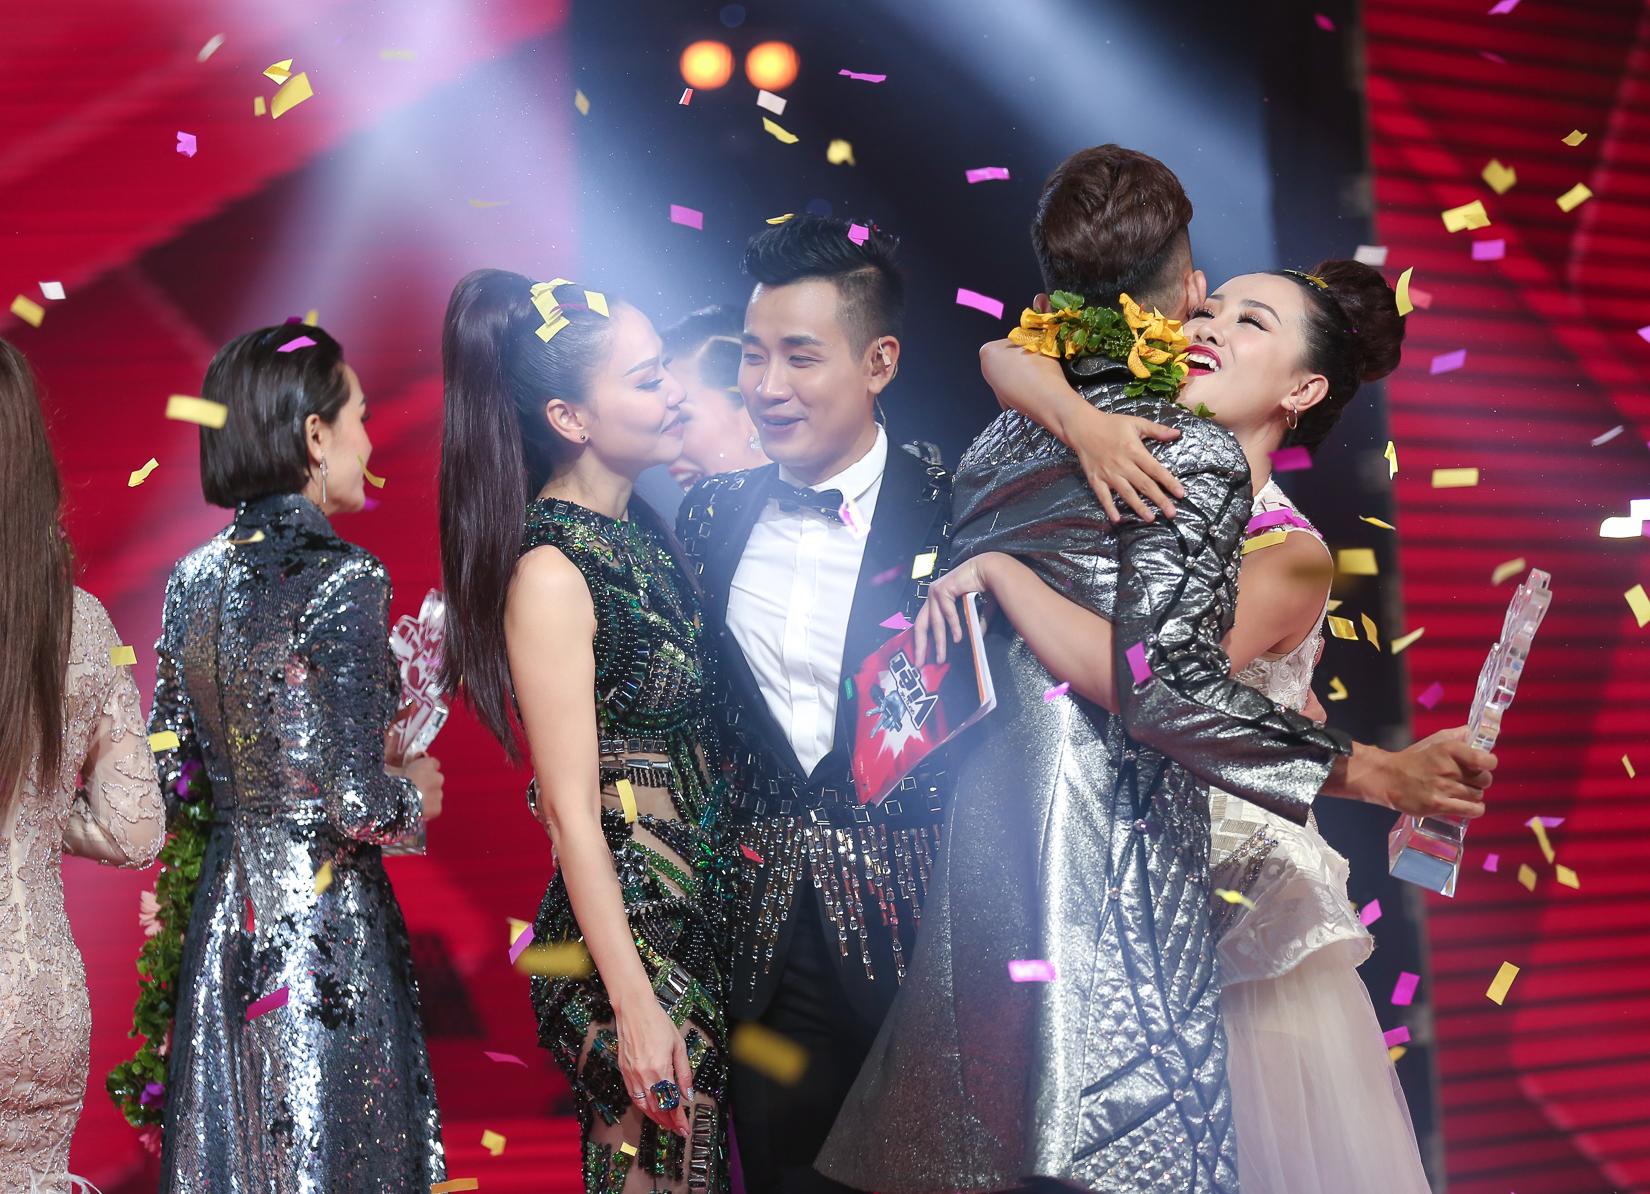 Chung kết giọng hát Việt 2017: Ali Hoàng Dương chiến thắng là kết quả được đoán trước 4